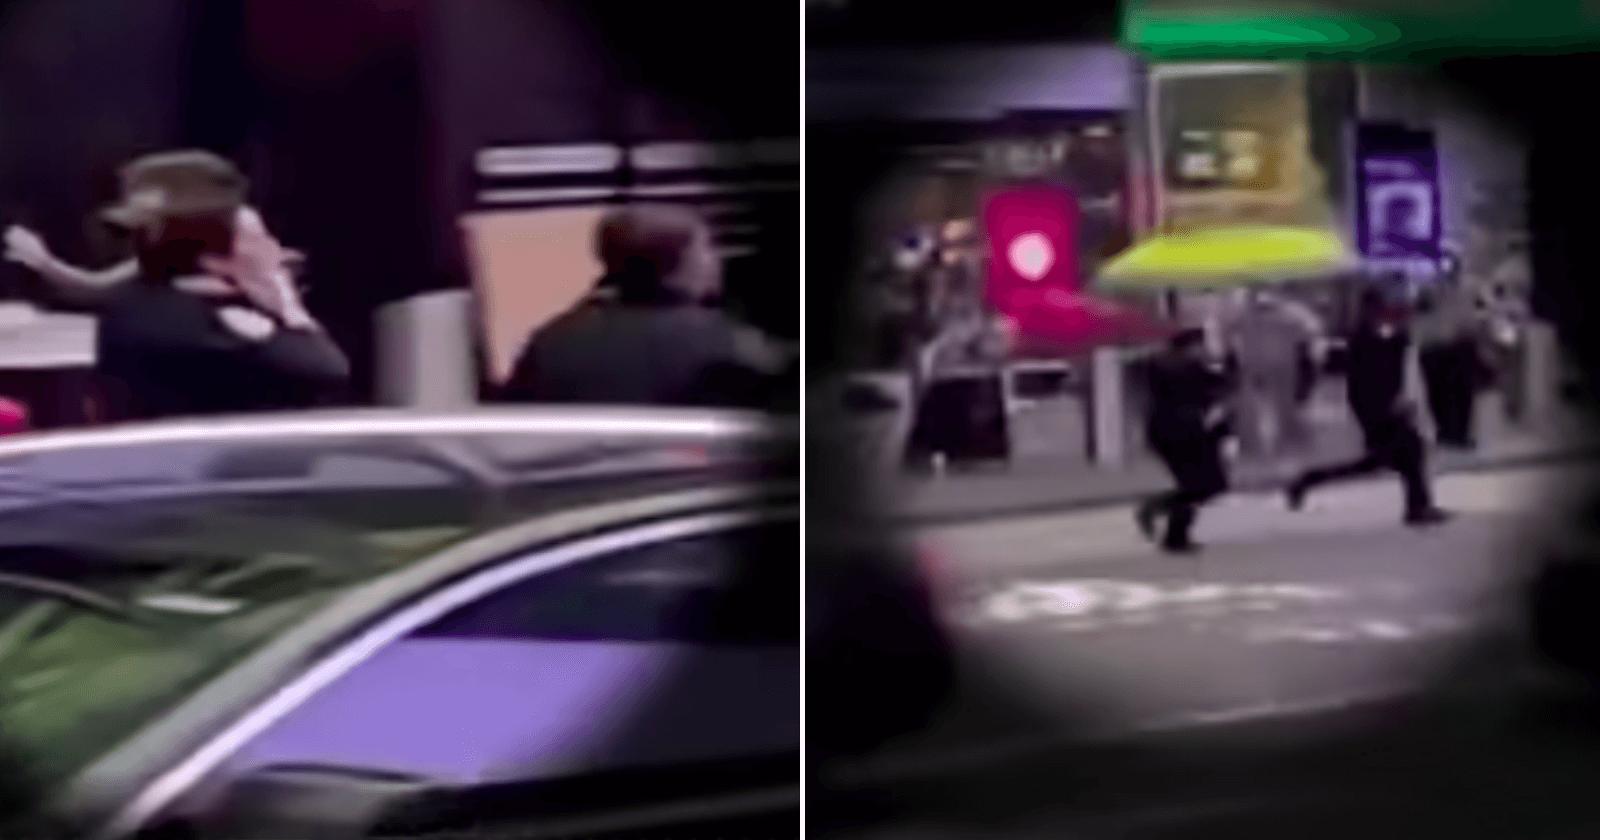 Policial entra em tiroteio e salva menina de 4 anos atingida